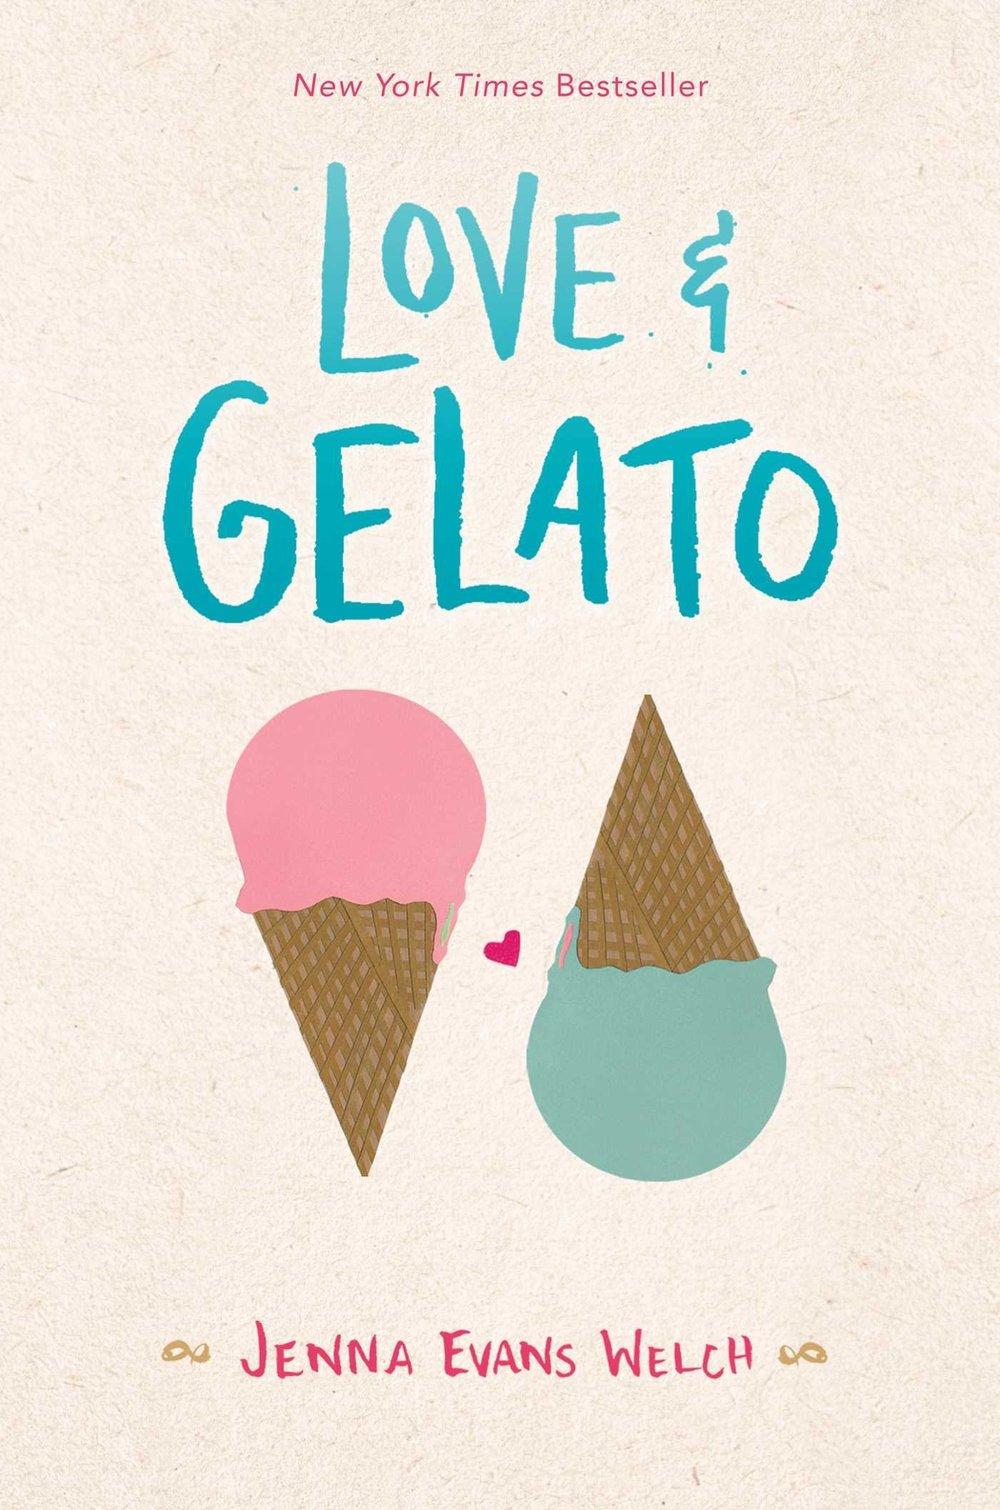 LOVE AND GELATO_Jenna Evans Welch.jpg